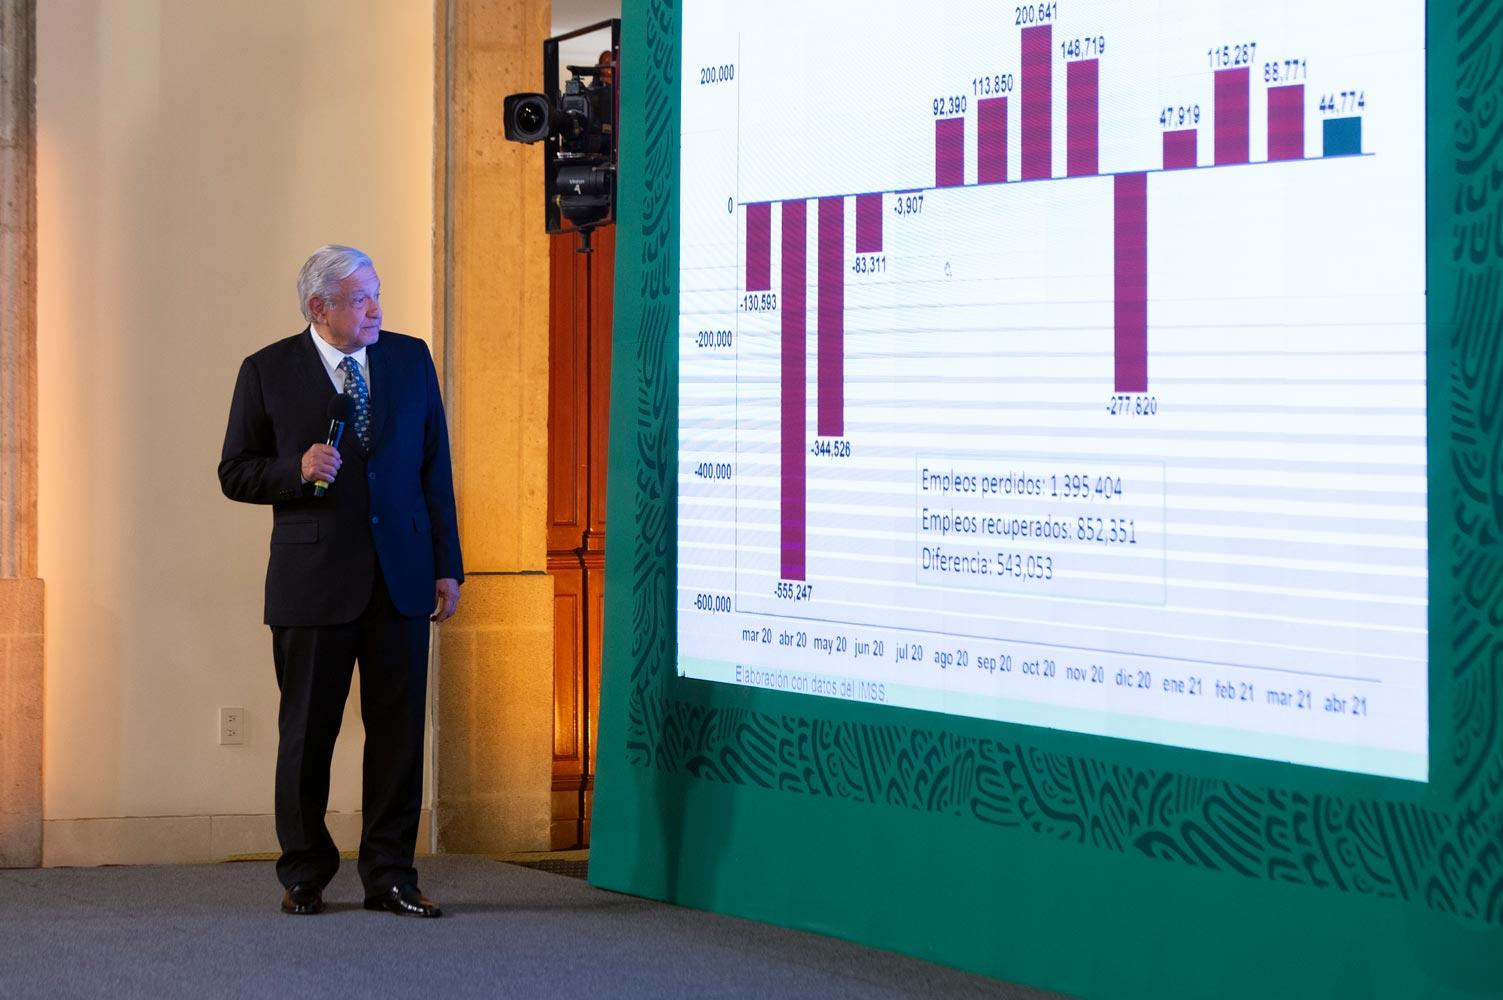 Economía mexicana en proceso de recuperación y permanecen pronósticos de crecimiento de 5 a 5.5 por ciento para este año: AMLO